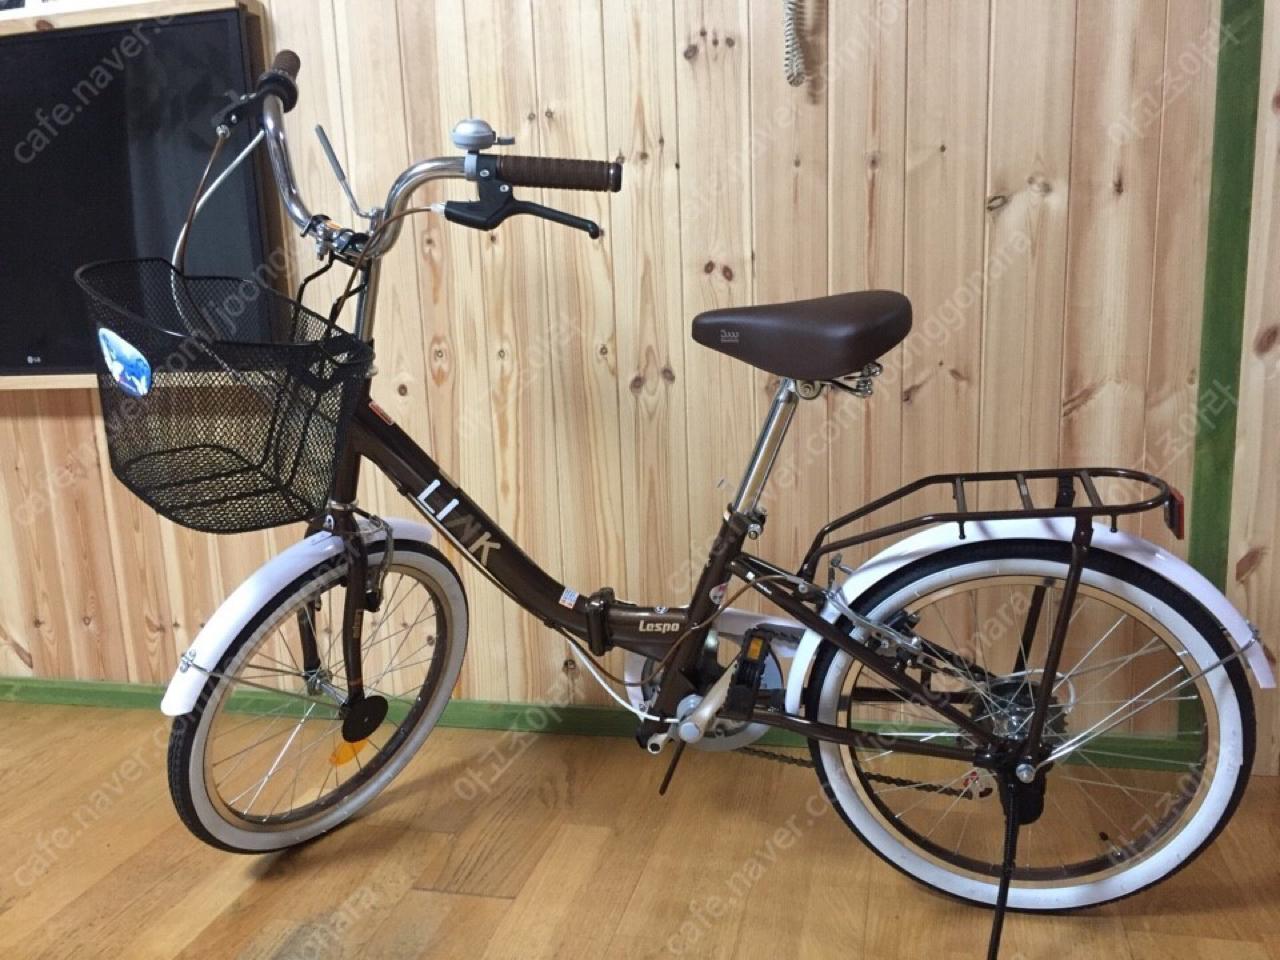 접이식 자전거 (폴딩자전거) 삼천리자전거 (~165cm 미만 키)